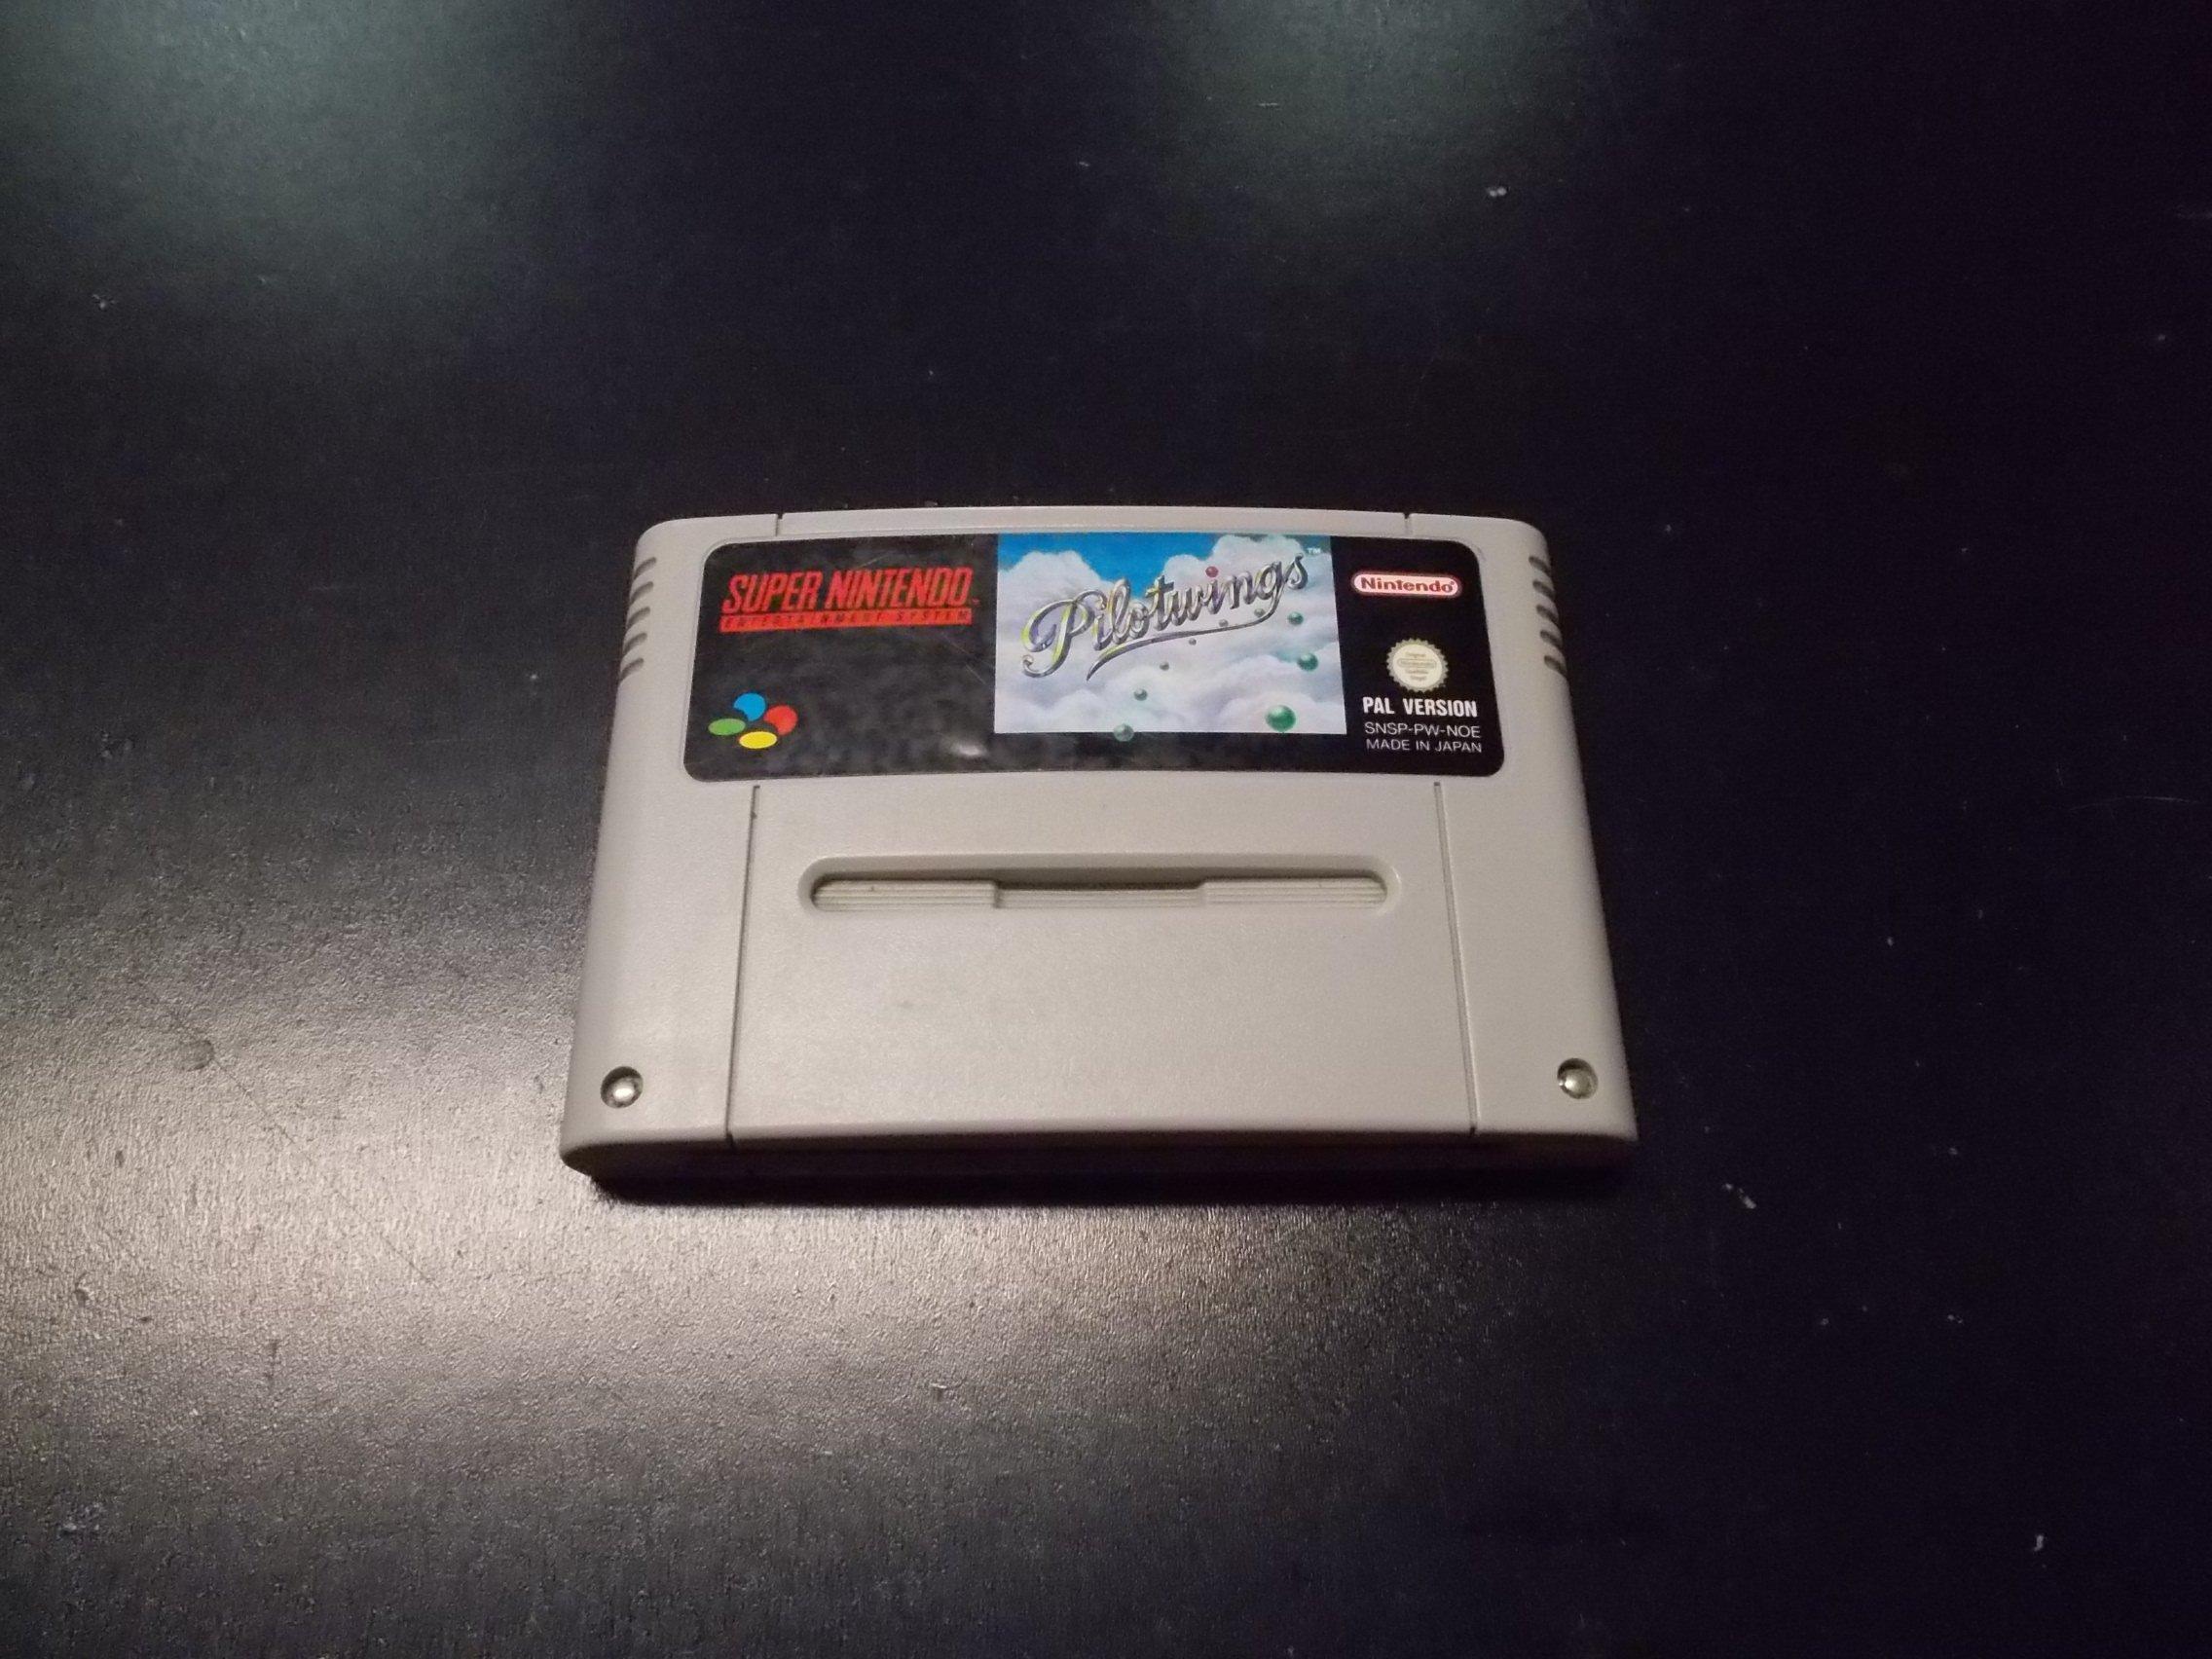 PILOTWINGS - GRA Nintendo SNES Opole 0222